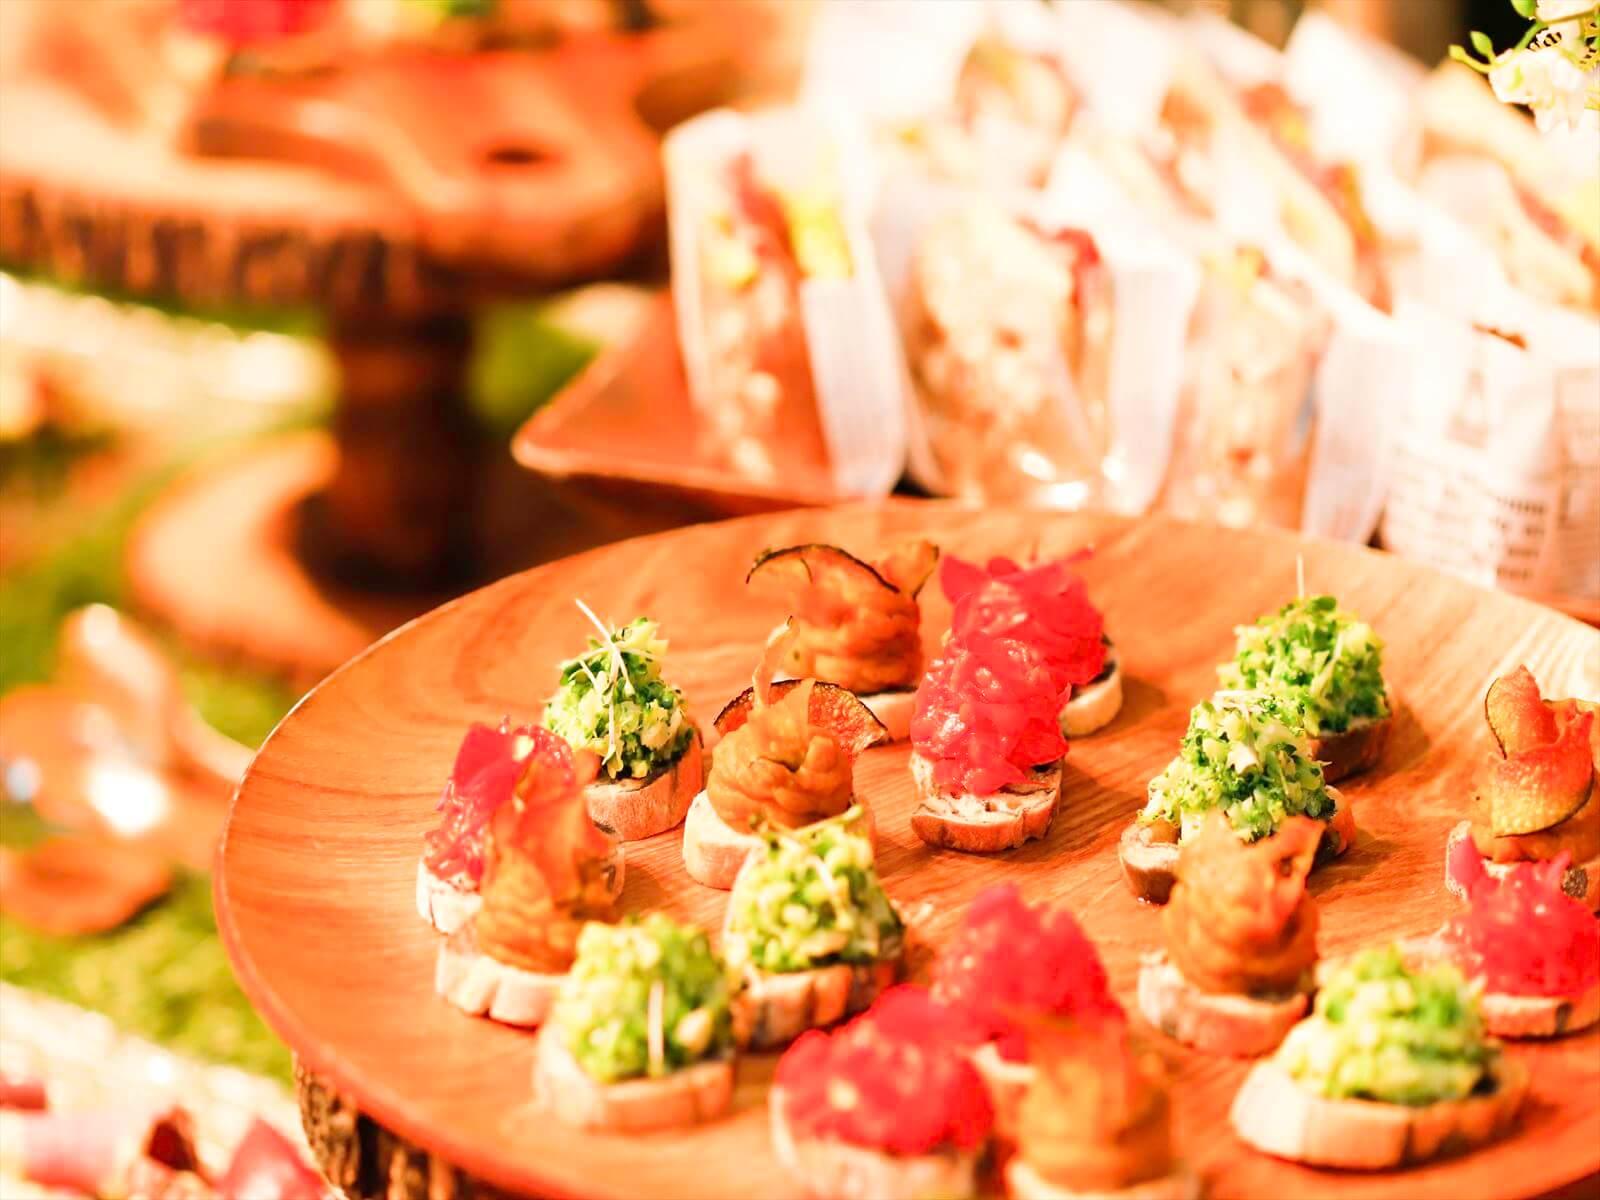 【ボリューム満点】特製創作寿司つき!フォリクラッセの本格パーティー向け豪華ケータリングプラン画像2